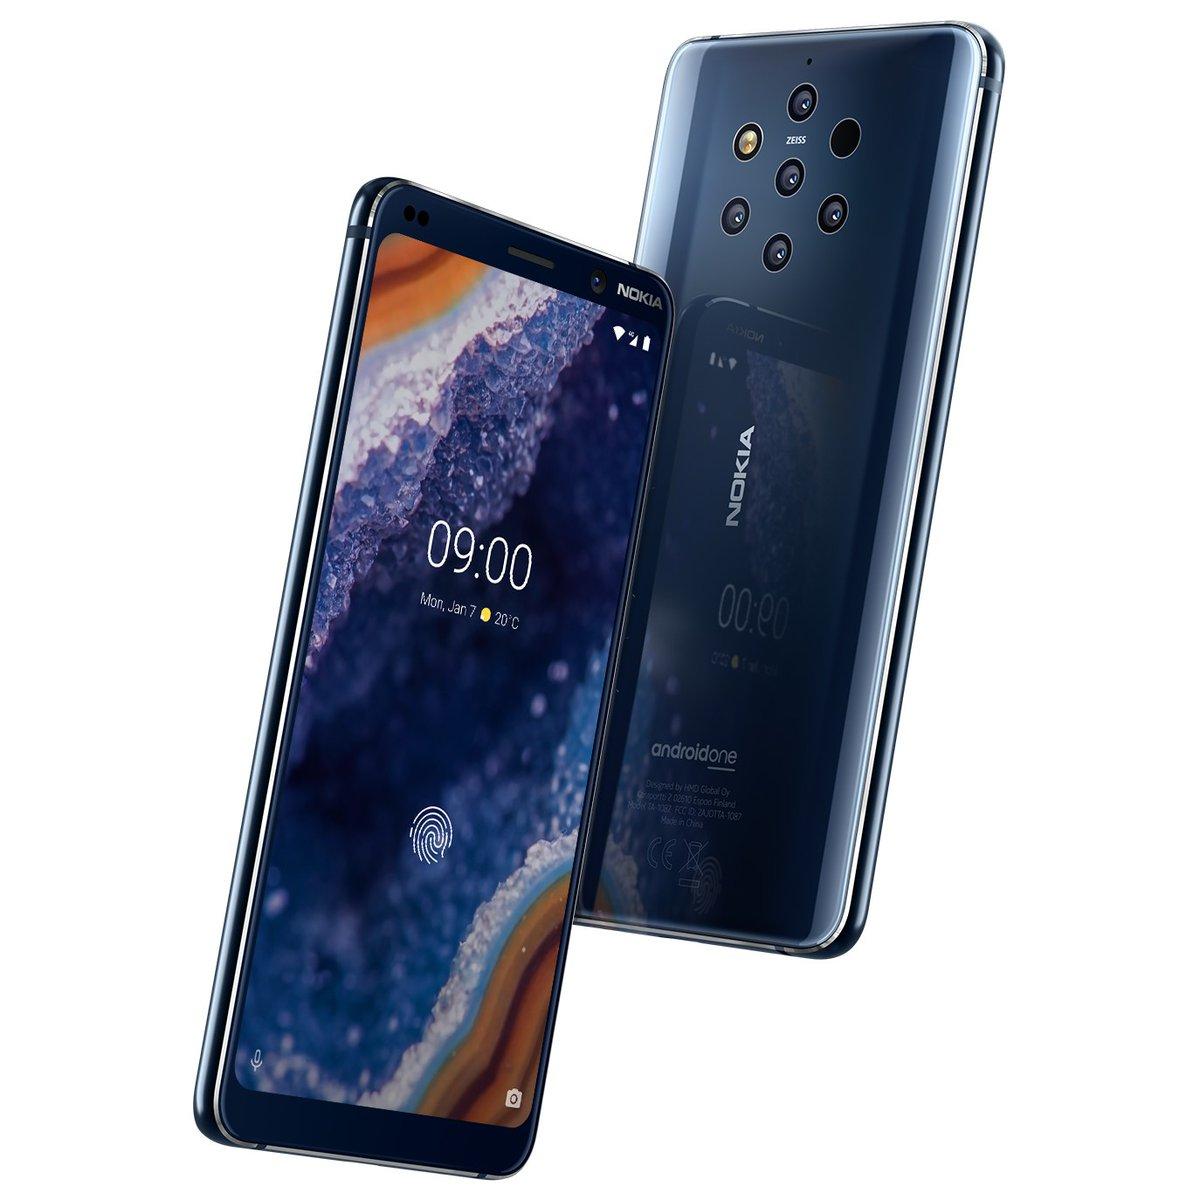 无论实际表现如何,诺基亚在2019年带来的新款旗舰手机在外形上就让人图片